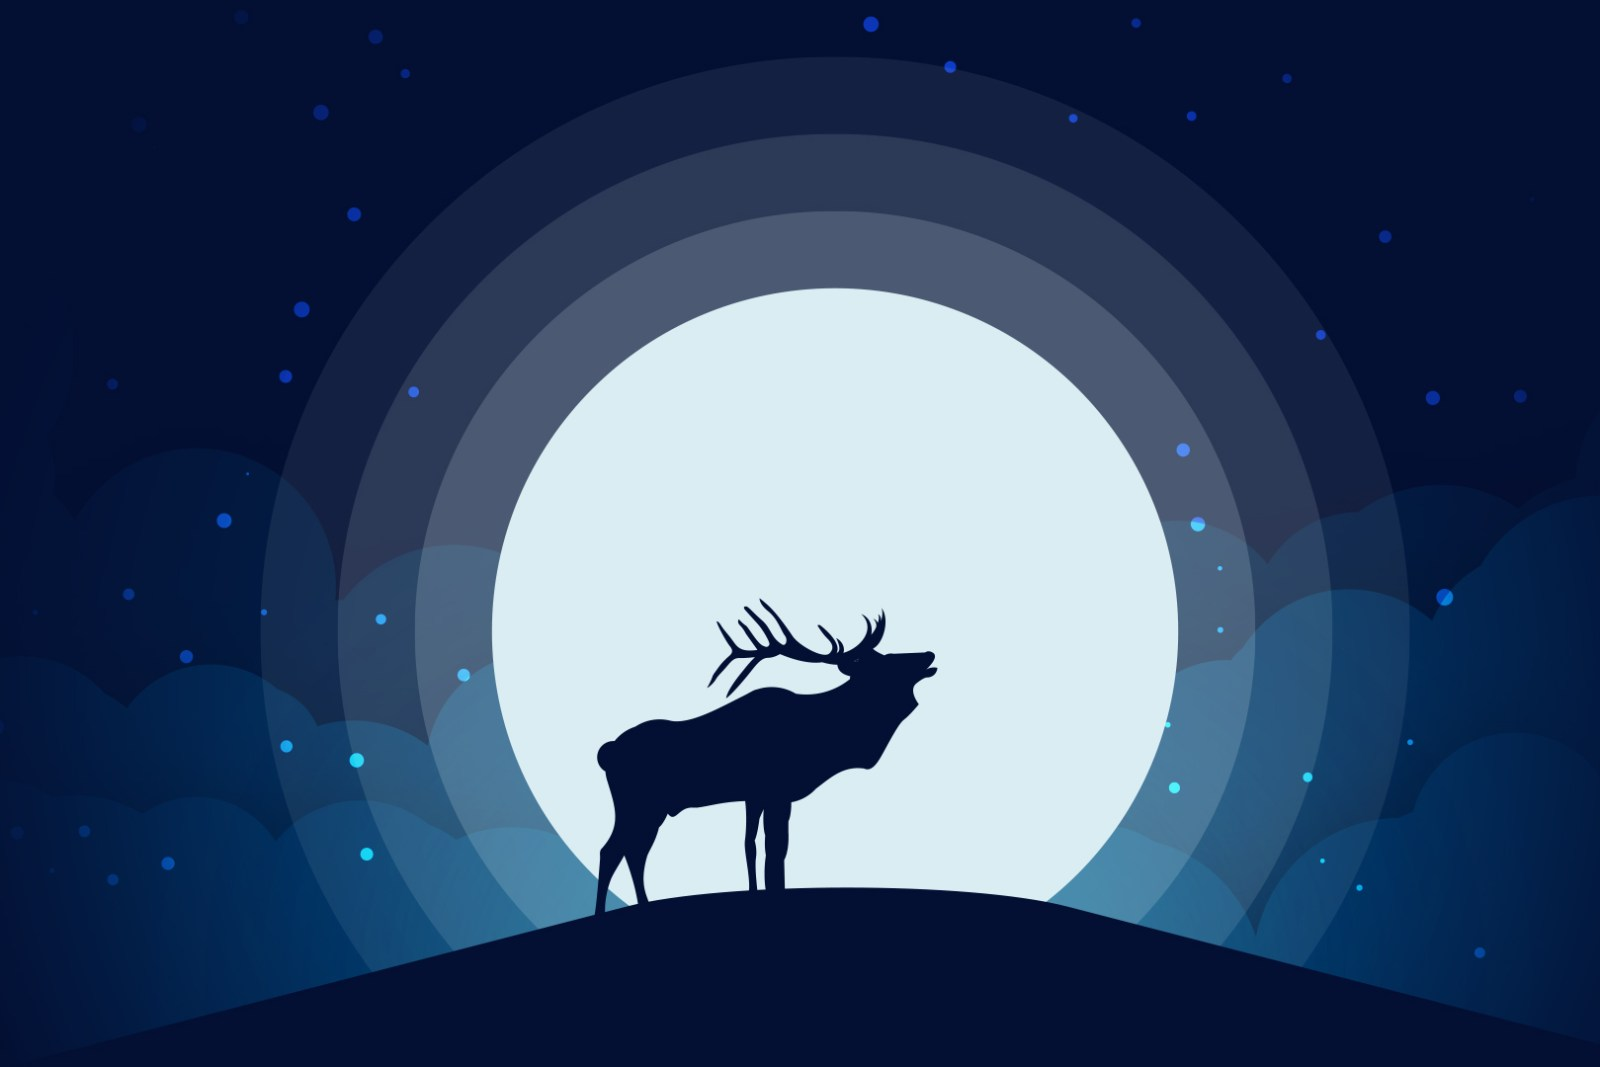 moonlight-vector-illustration-tutorial